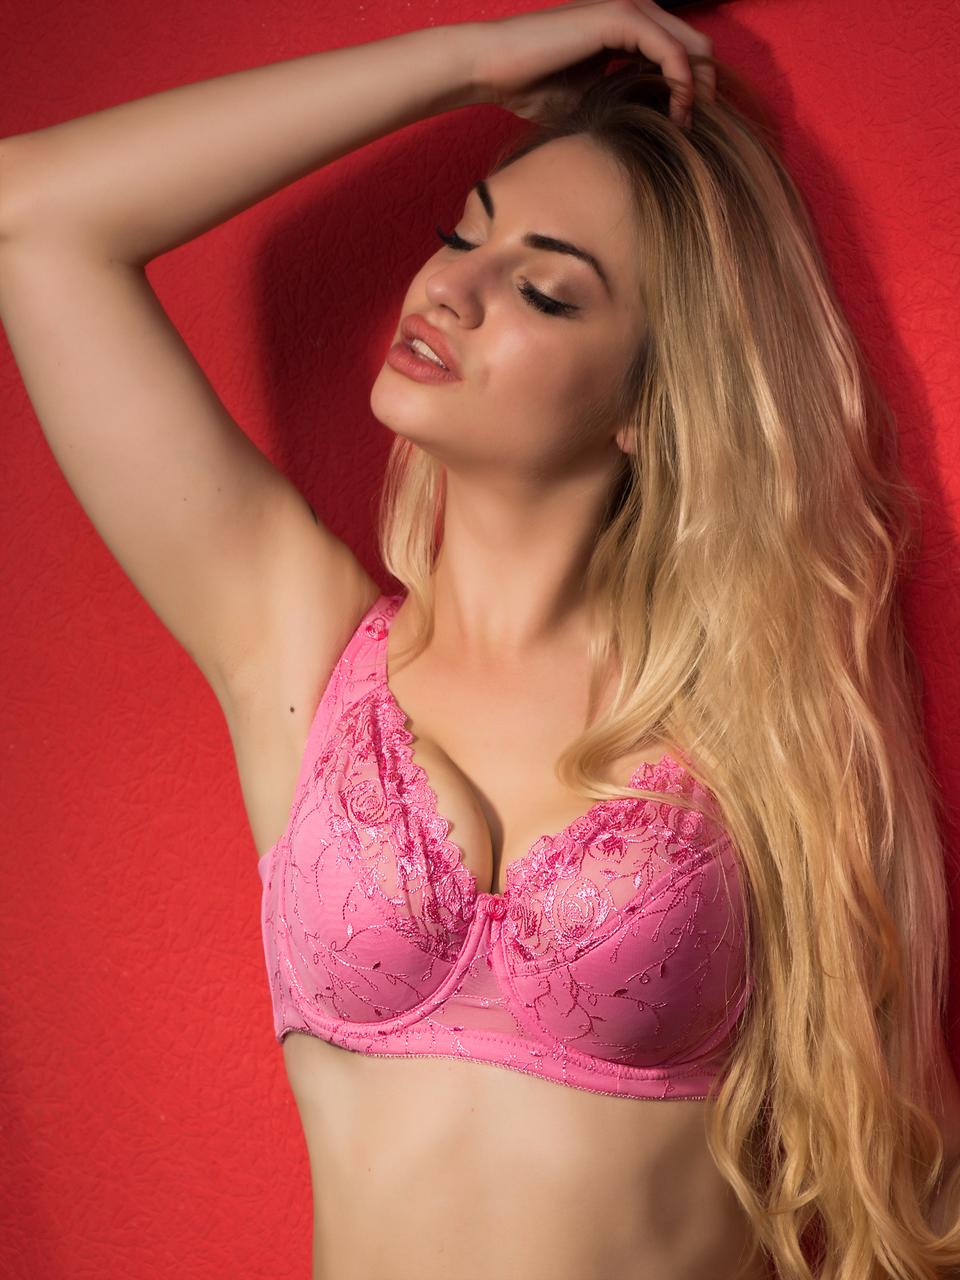 Бюстгальтер Diorella 35121E, цвет Розовый, размер 90E